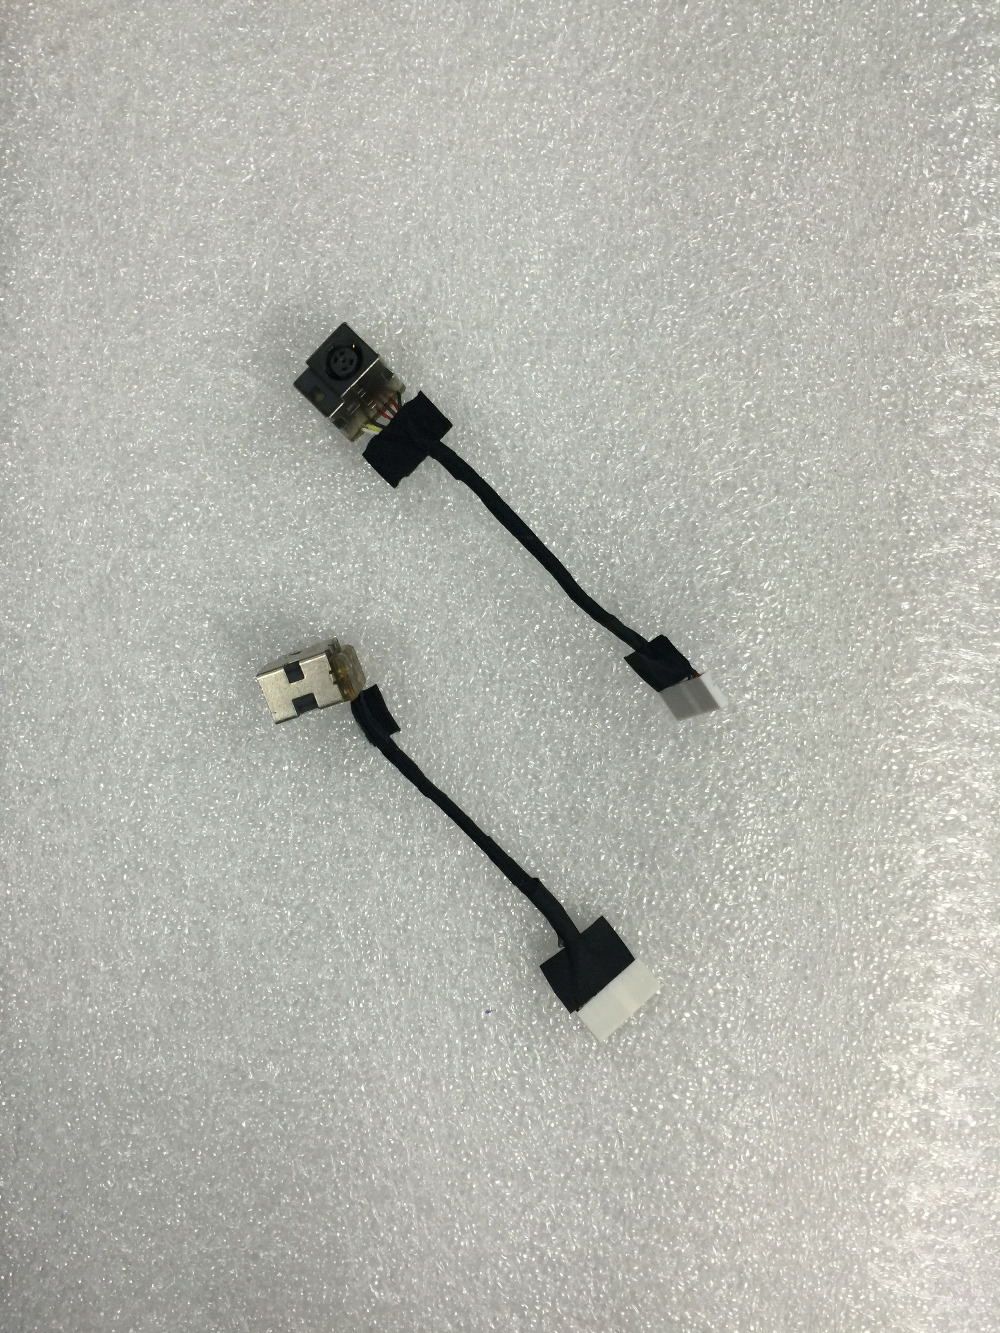 HP Compaq 610 625 540 530 510 DC Jack power connector port socket prise de courant